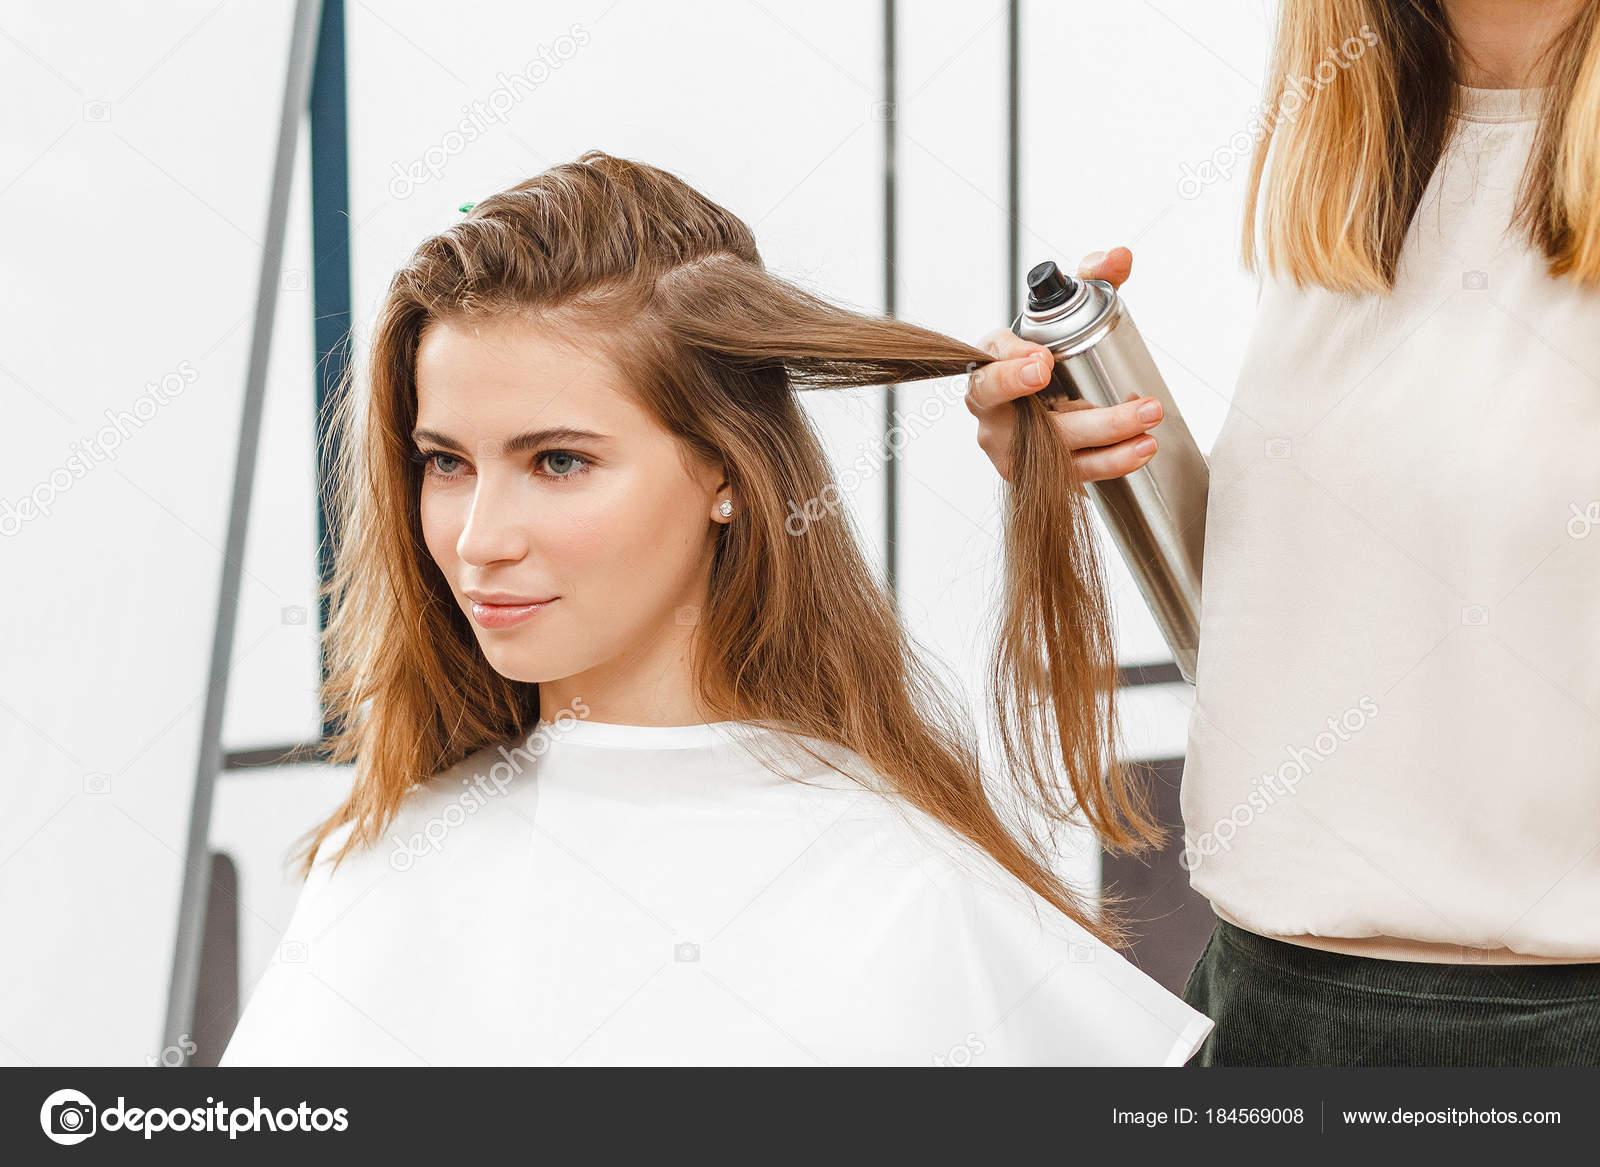 美容師、美容サロン、スタイリスト、ファッションのコンセプトに